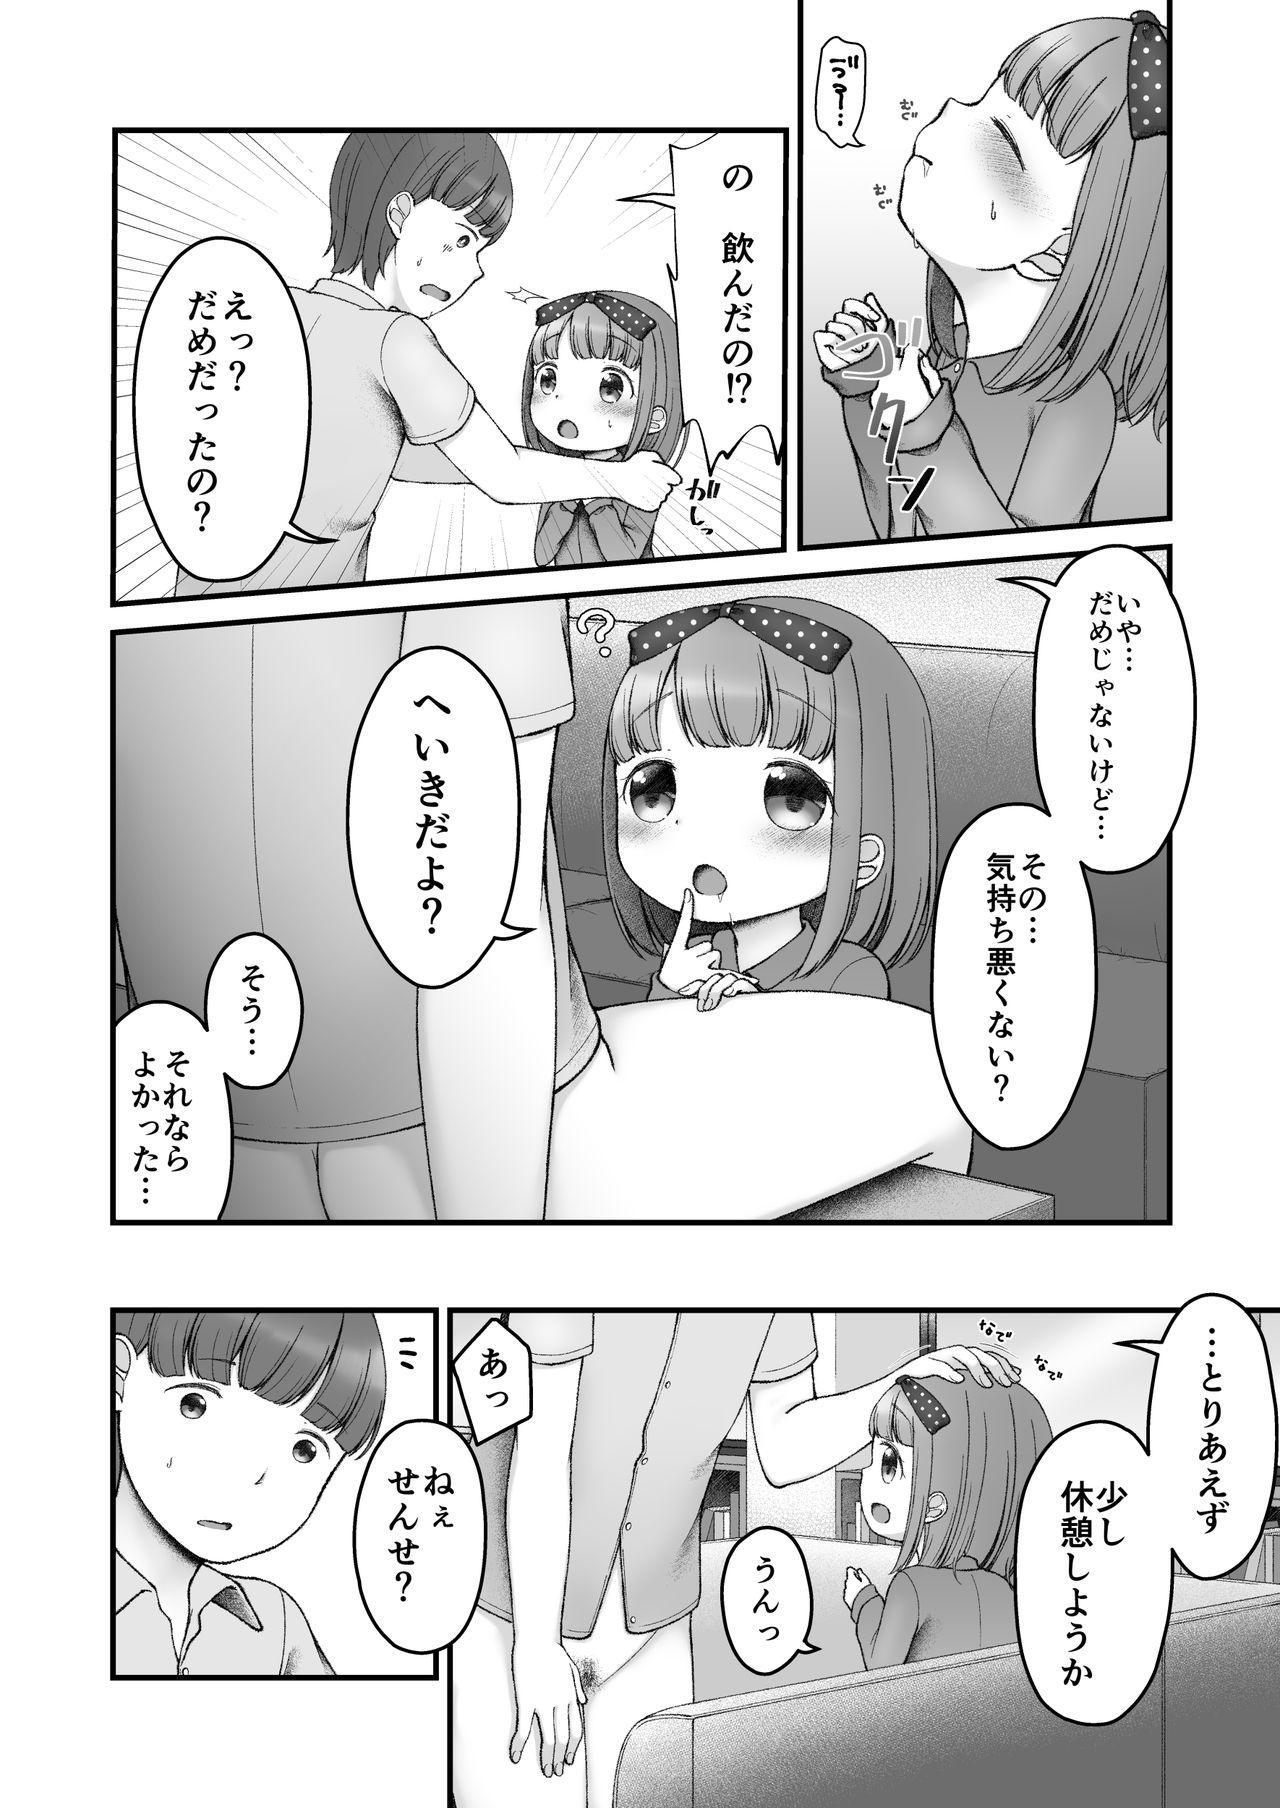 Ehon no Kuni no Arisu 12